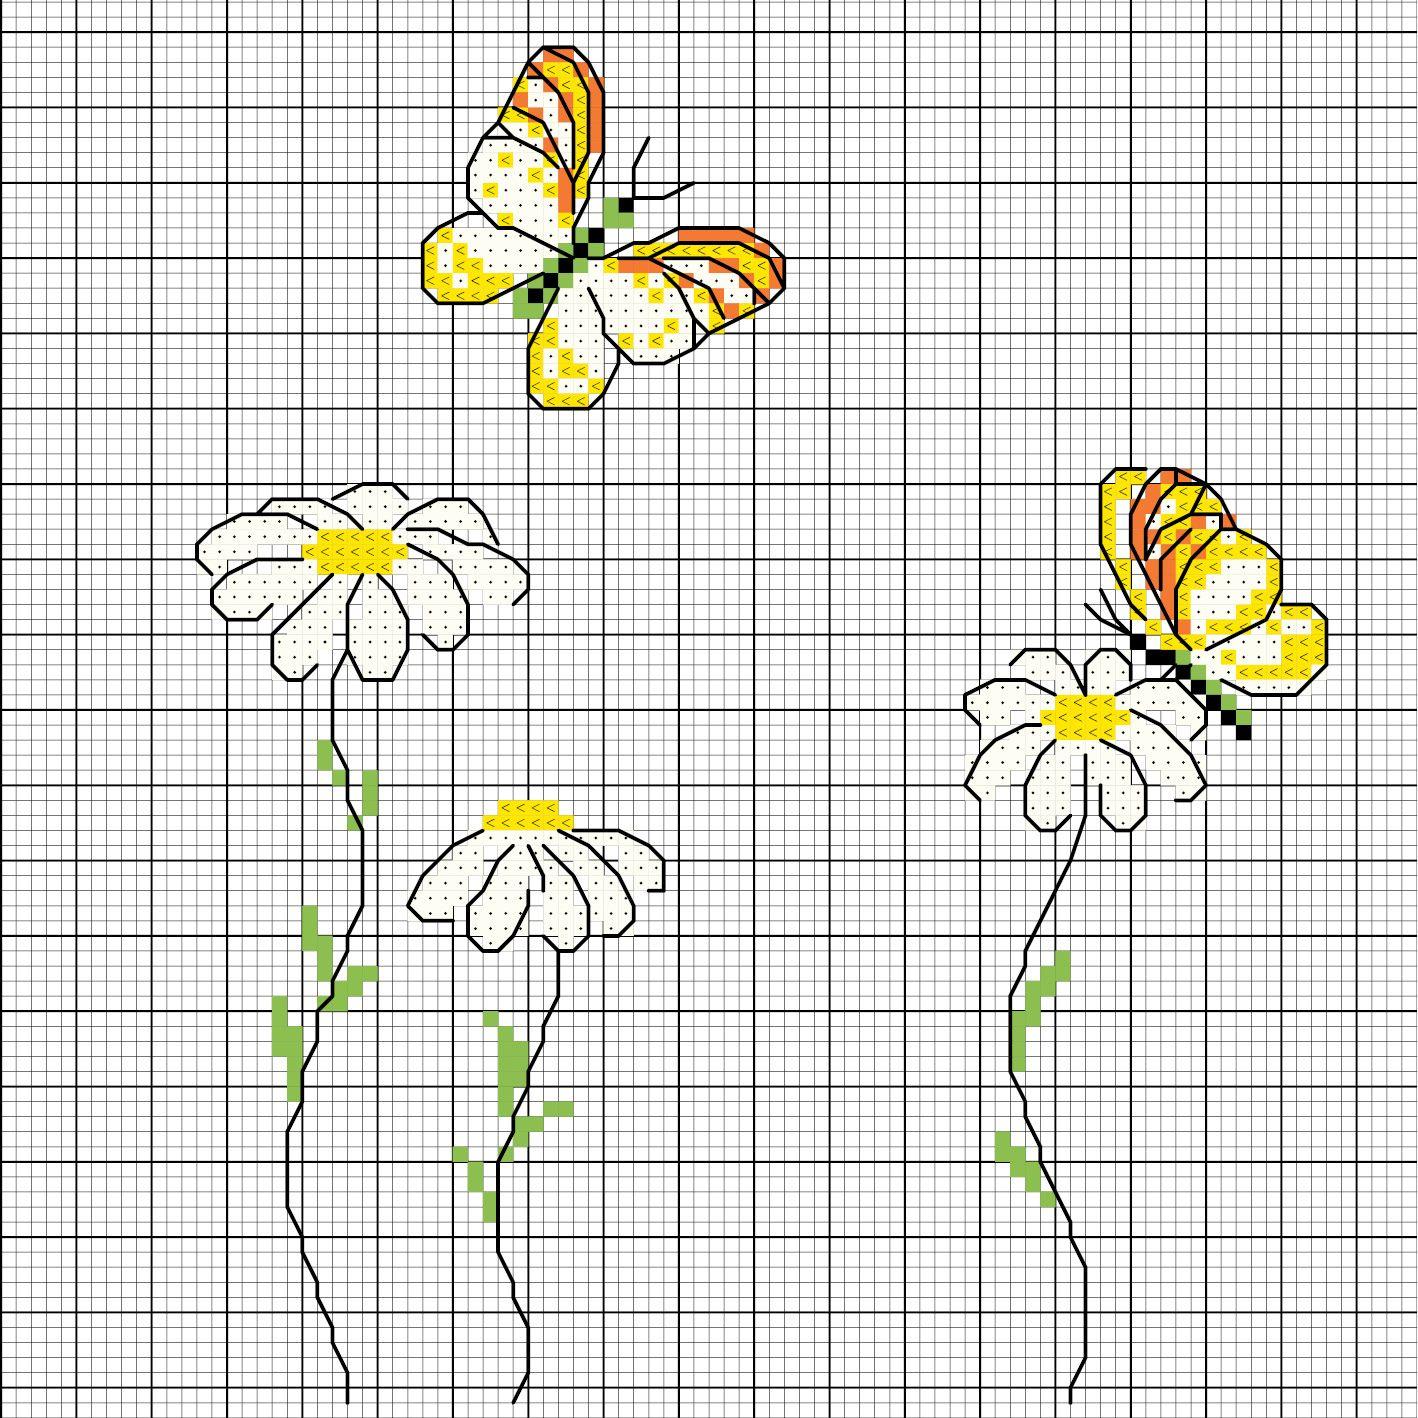 Margerite Mit Schmetterling Sticken Entdecke Zahlreiche Kostenlose